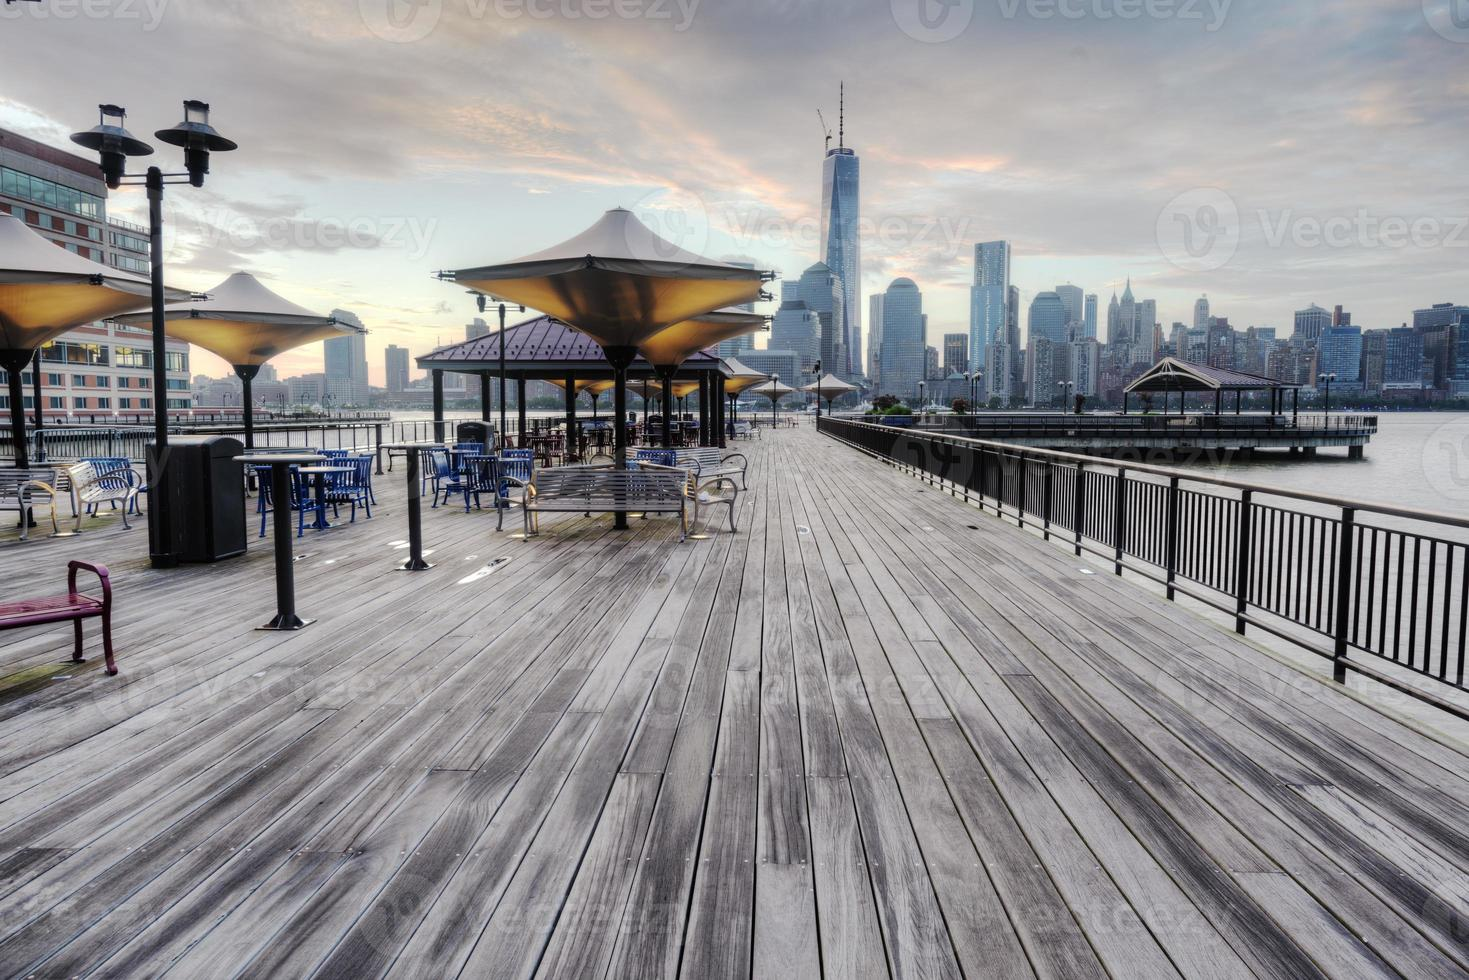 vista di New York dal lungomare foto